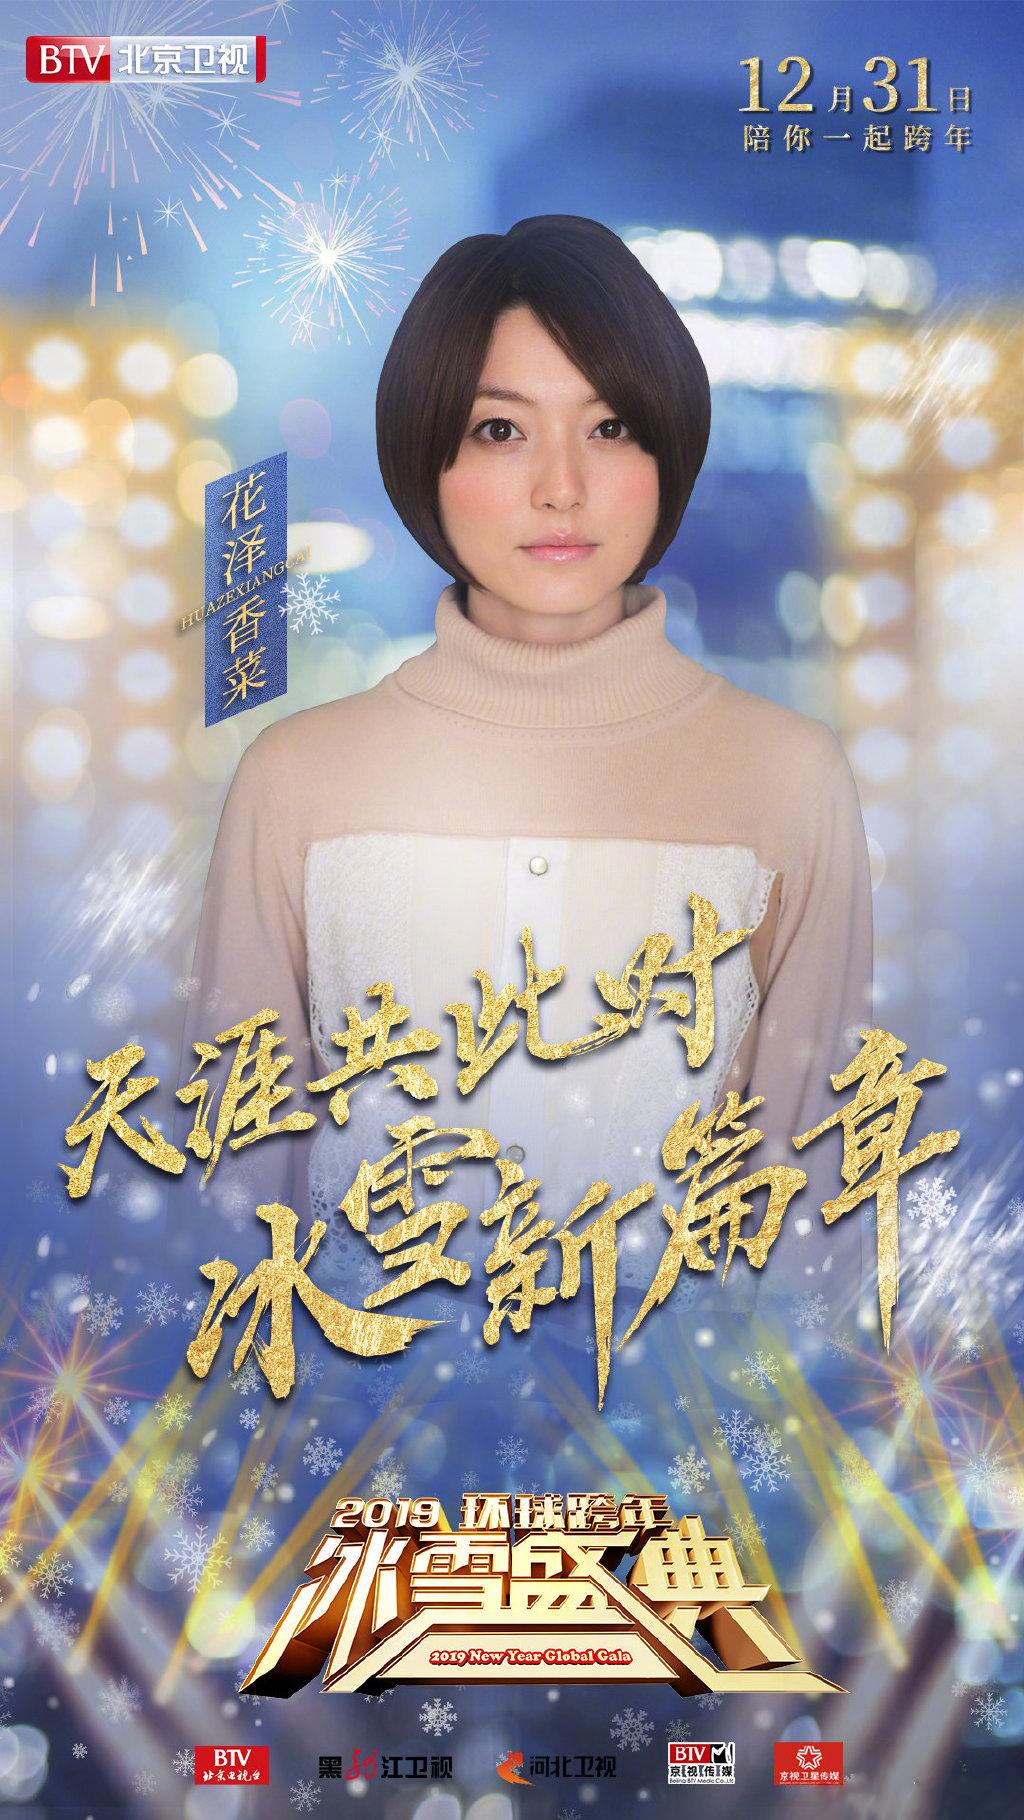 花泽香菜,北京卫视,花泽香菜跨年,恋爱循环